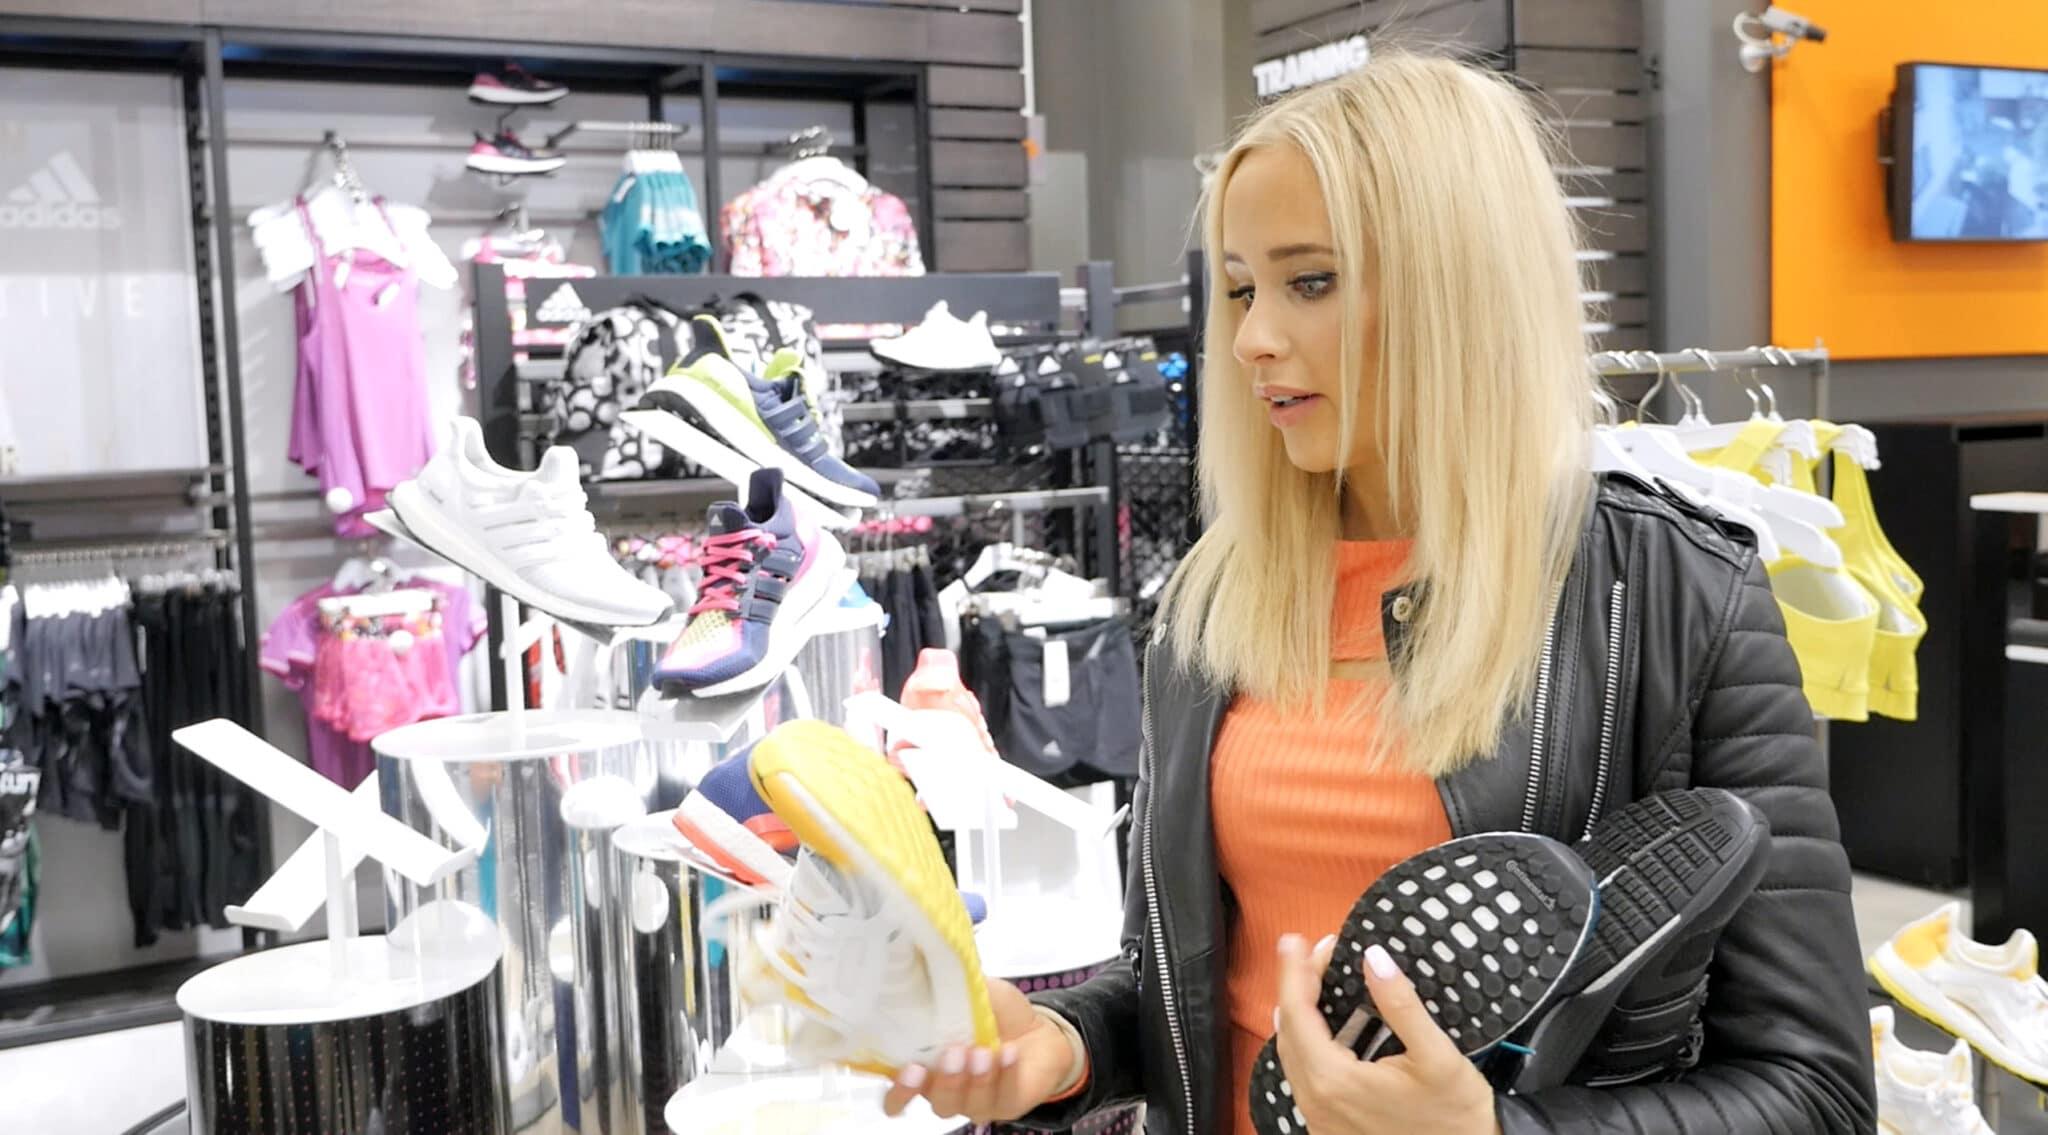 Det finns många löparskor att välja mellan. Nike, adidas, Saucony, New Balance och många fler.